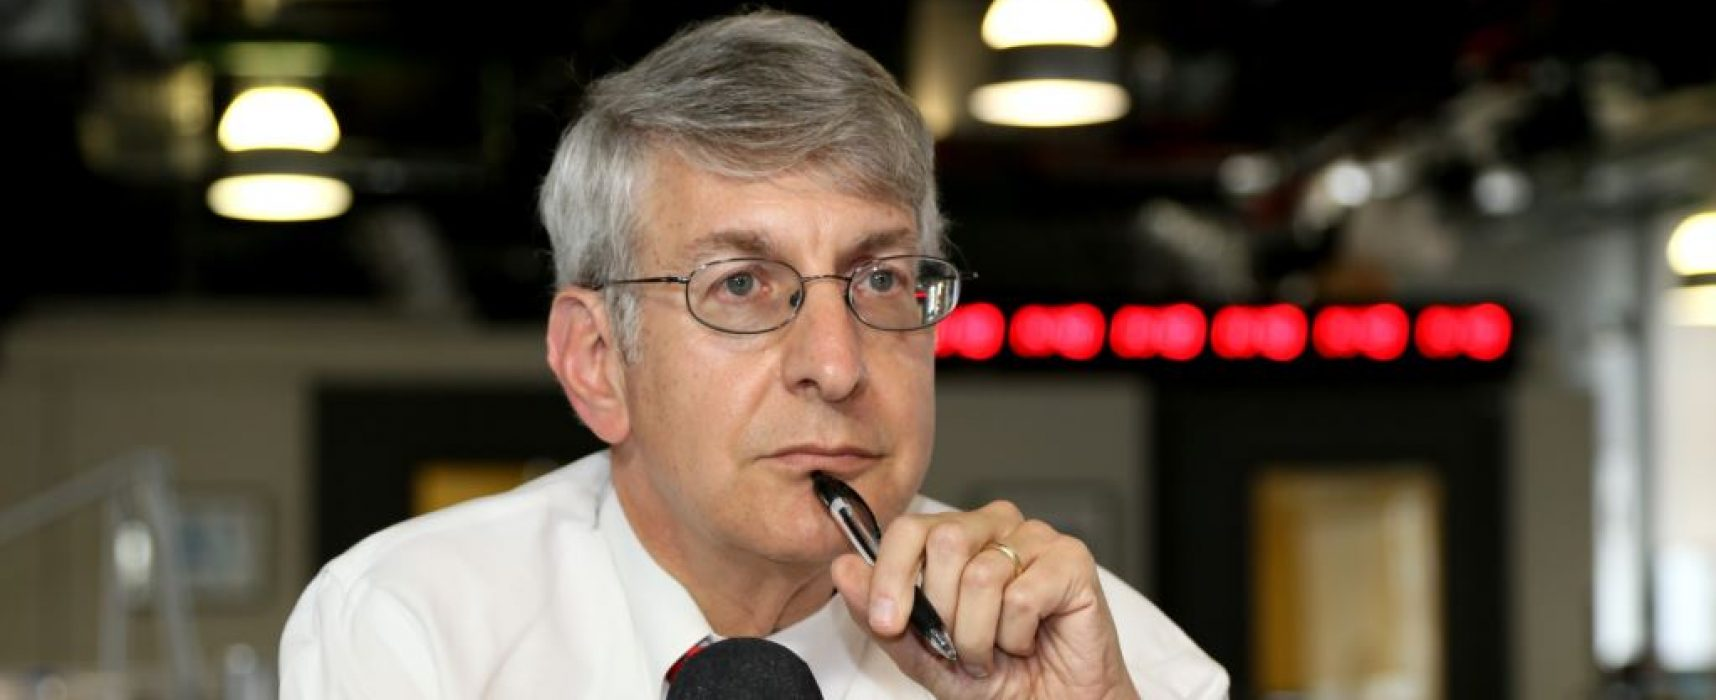 Президент RFE/RL: назвать работу журналистов госизменой – это посягательство на их безопасность и профессию